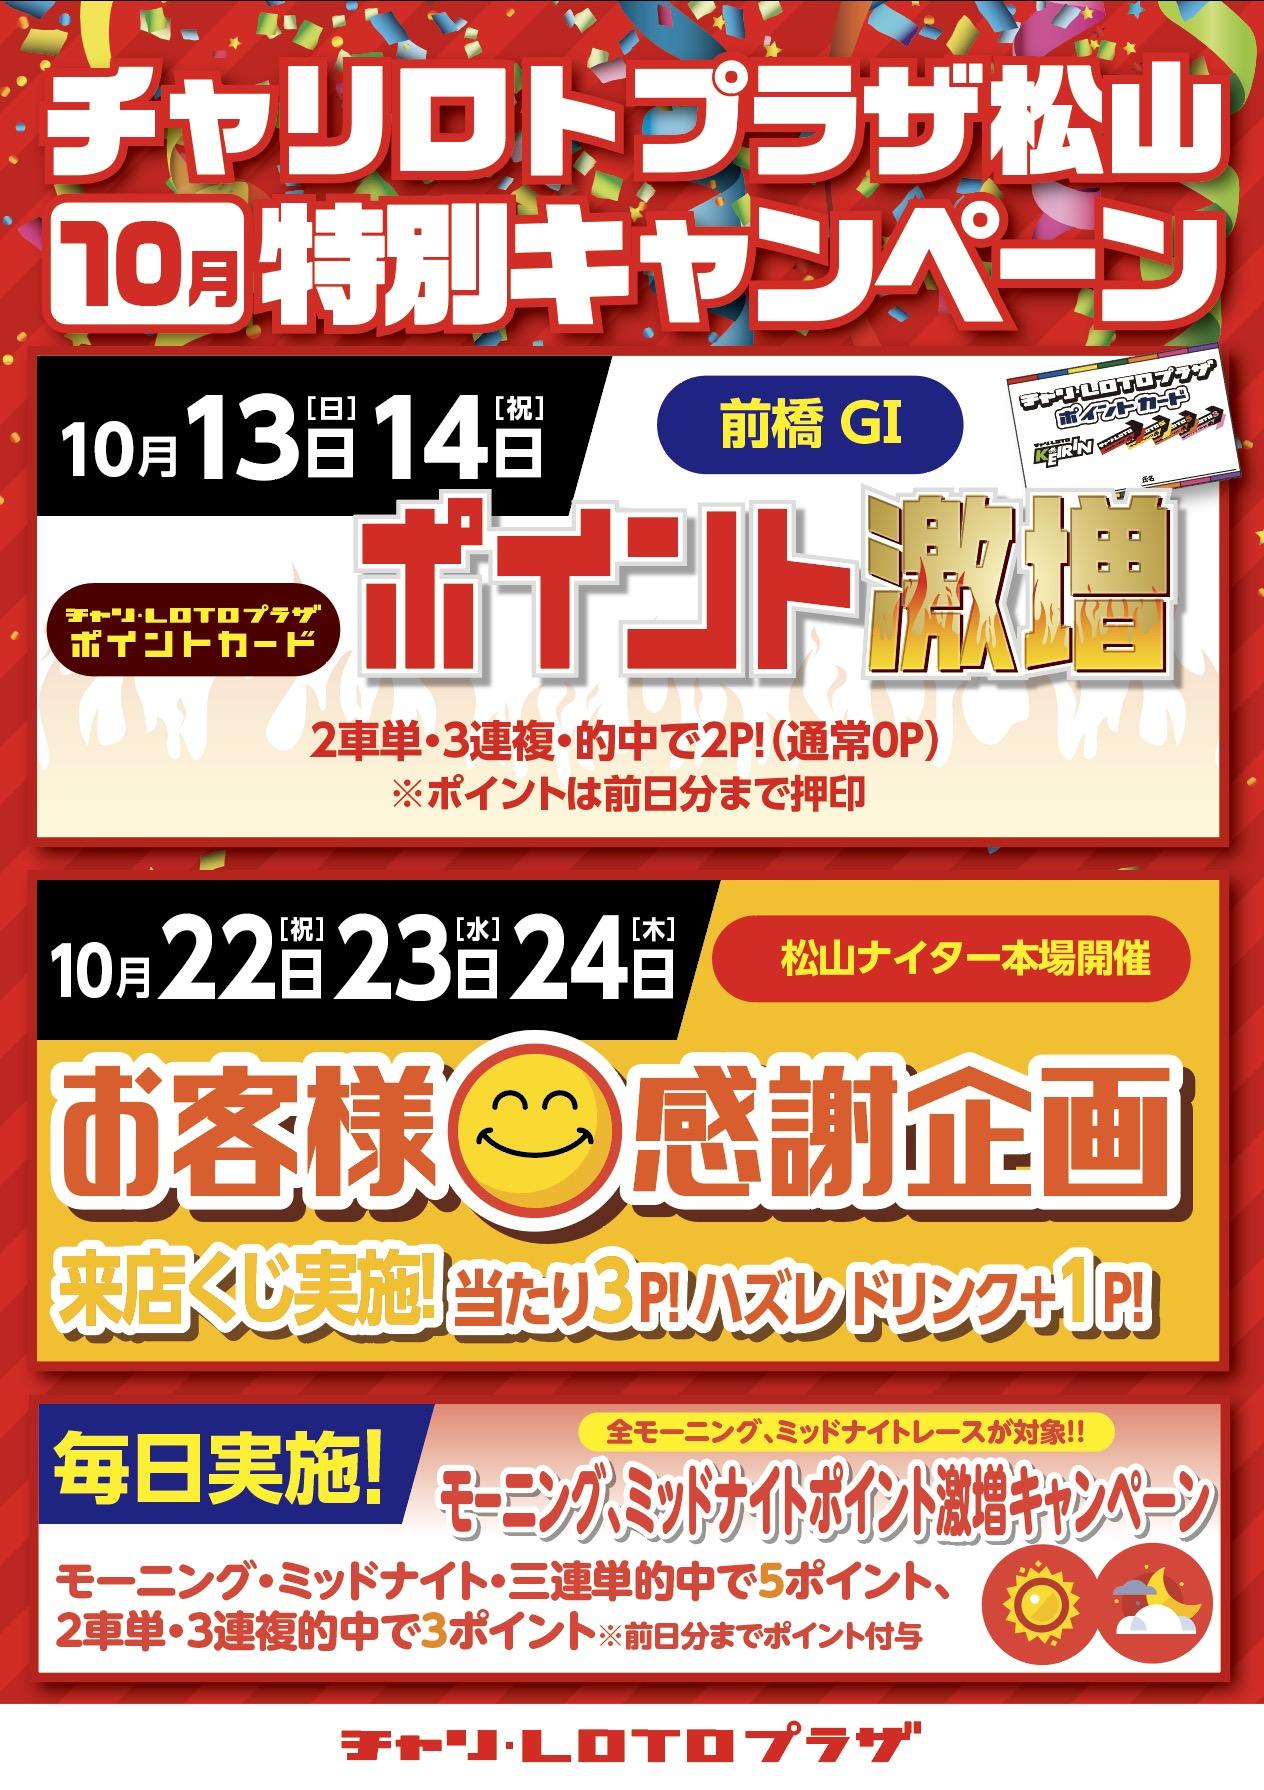 【松山】モーニング・ミッドナイト月間特別CP(10月)